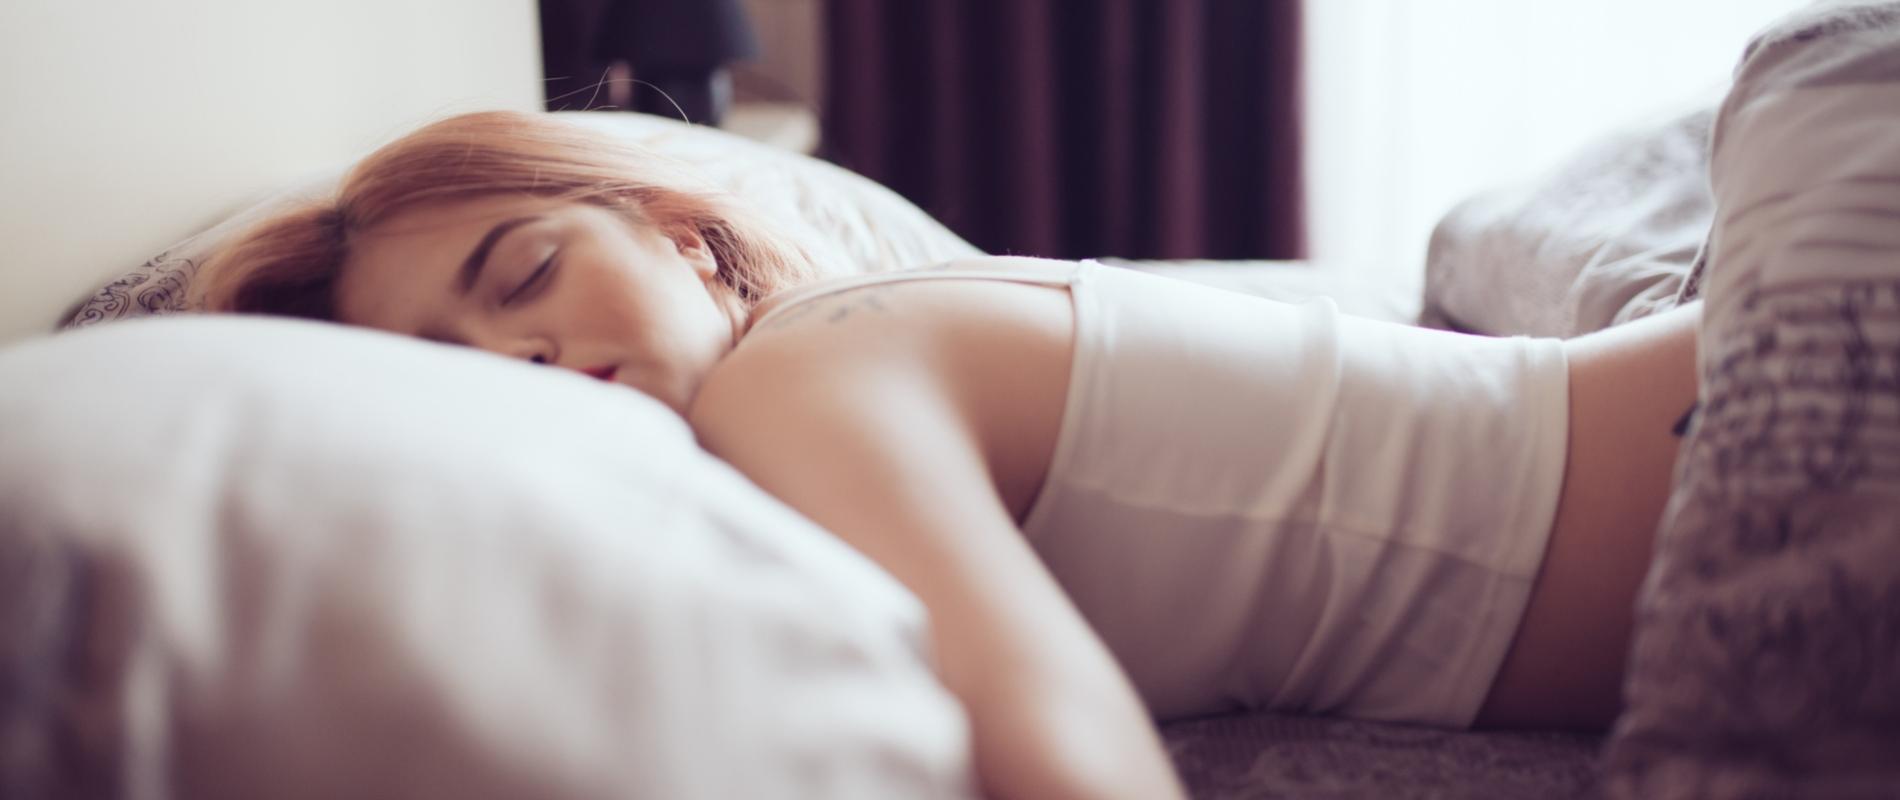 一到周末就睡到中午?专家告诉您赖床补觉只会适得其反